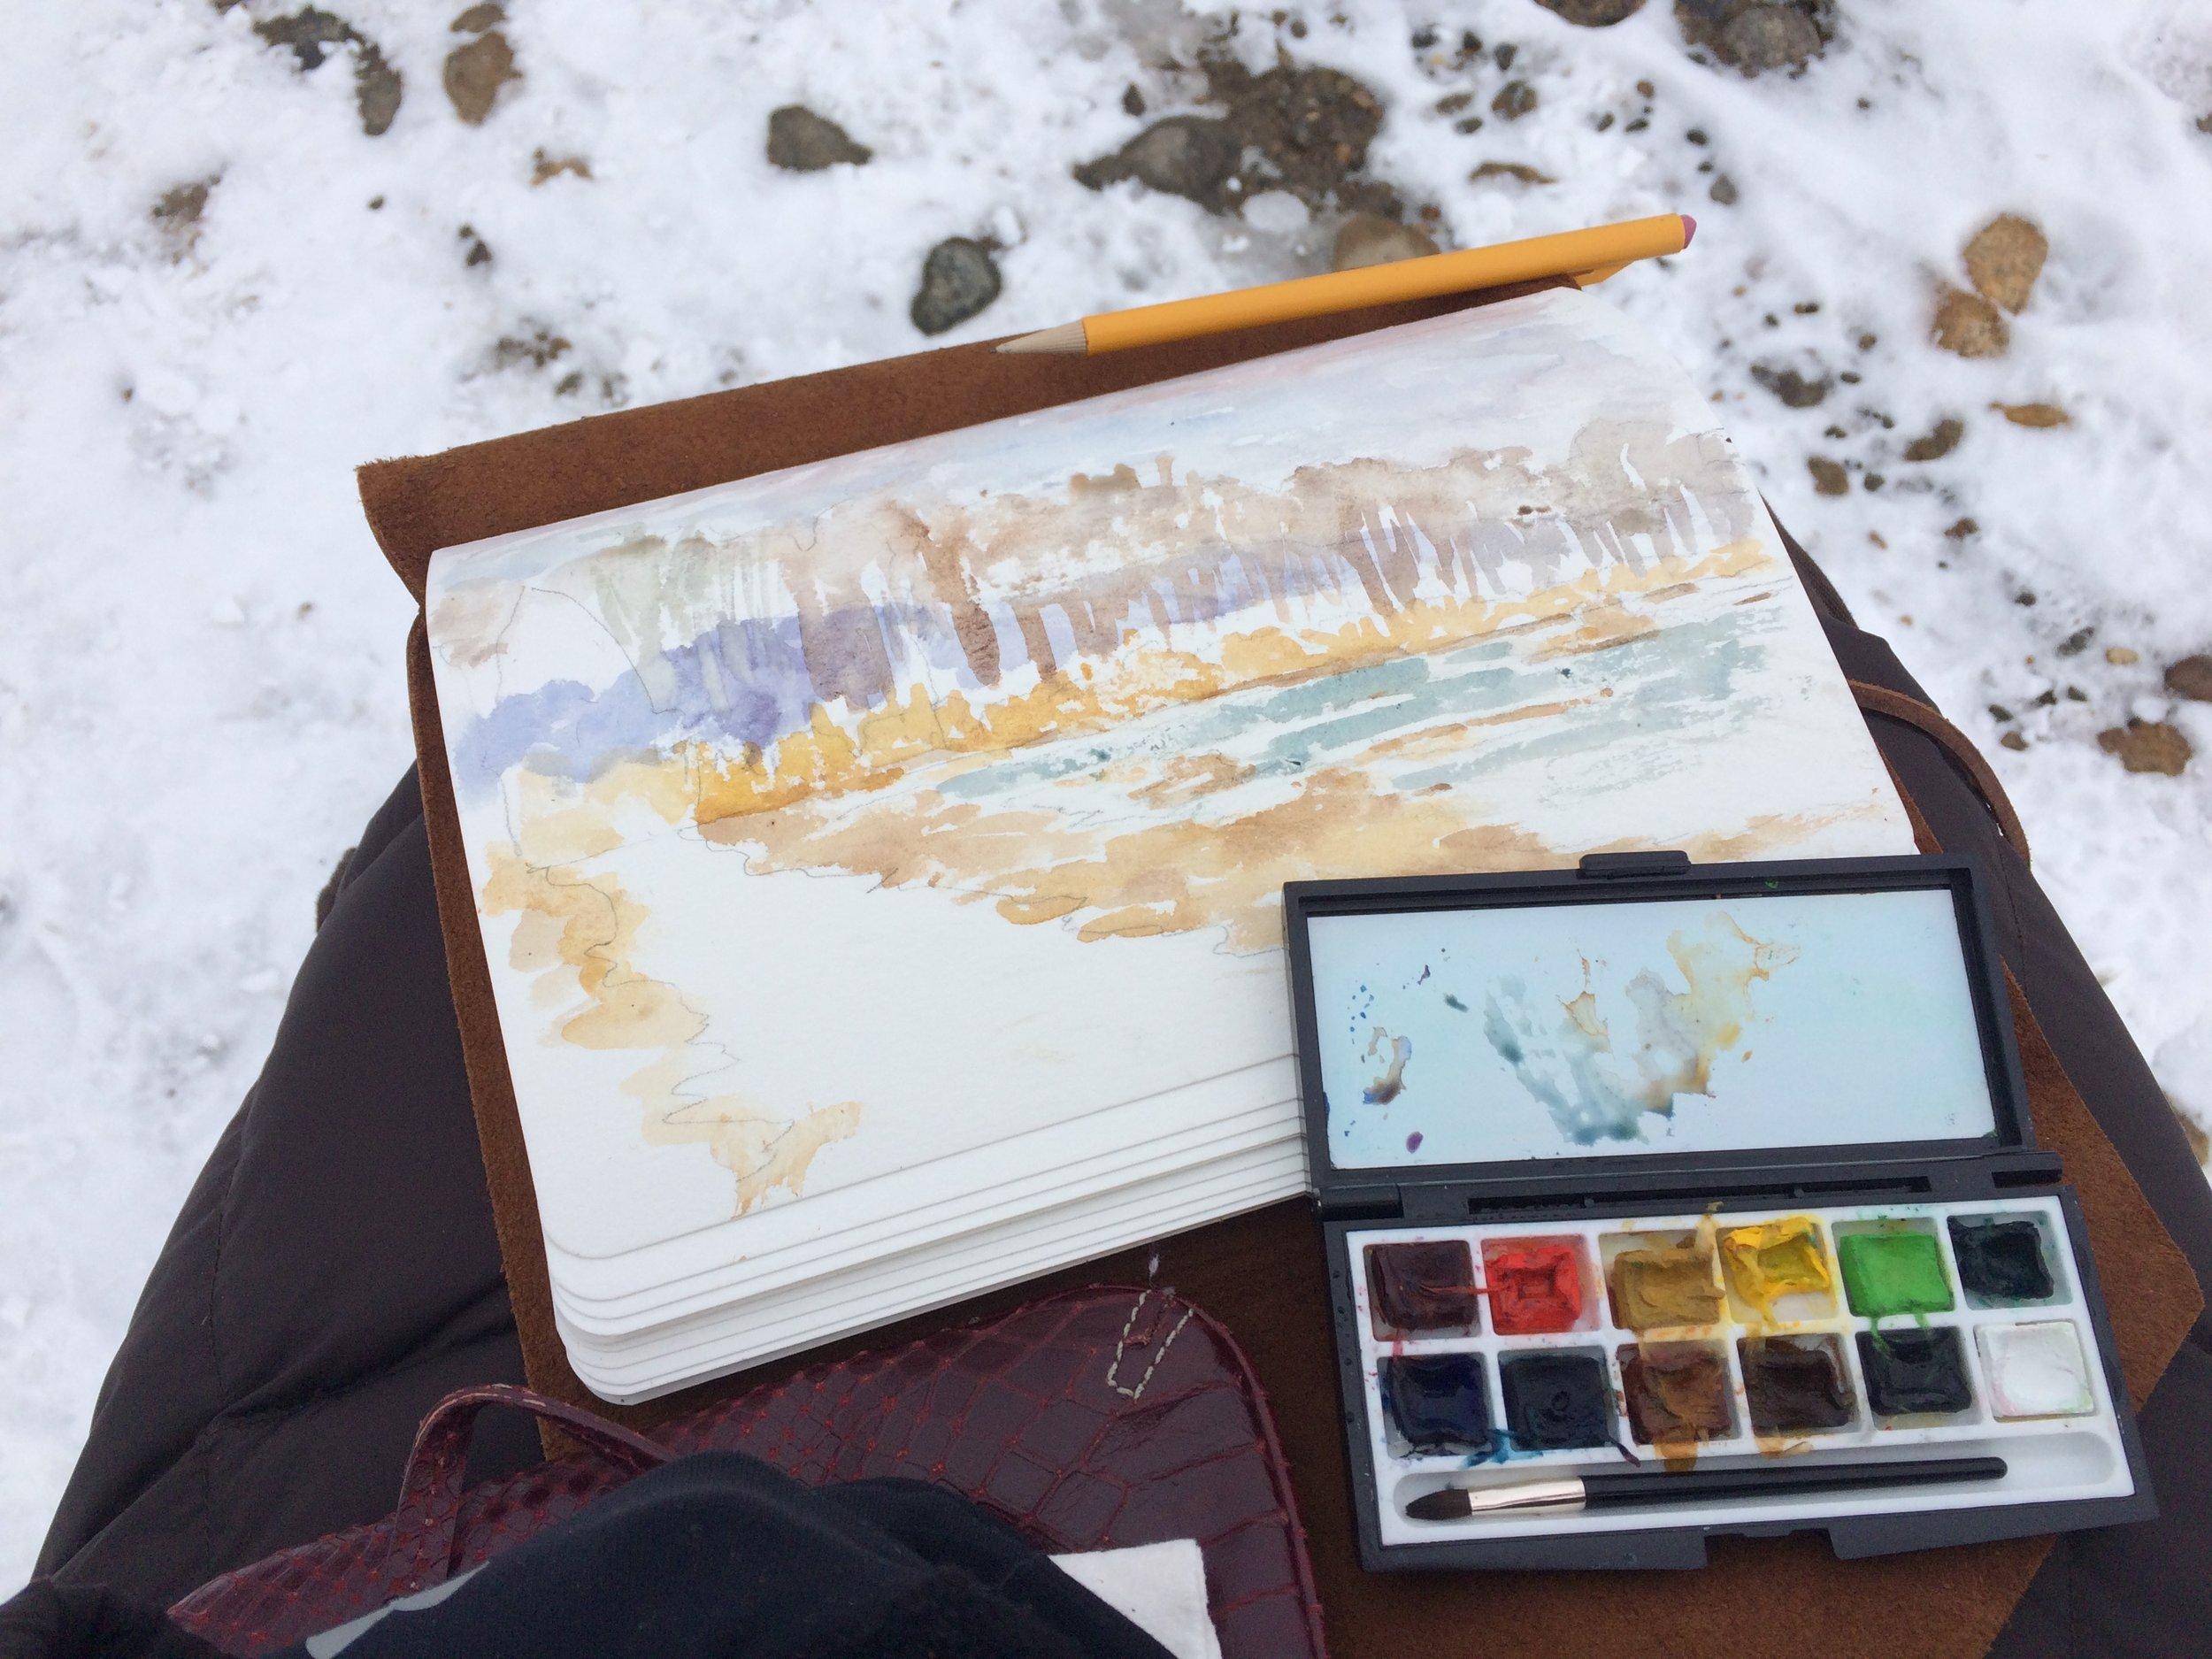 Barn Island, Snowy Day